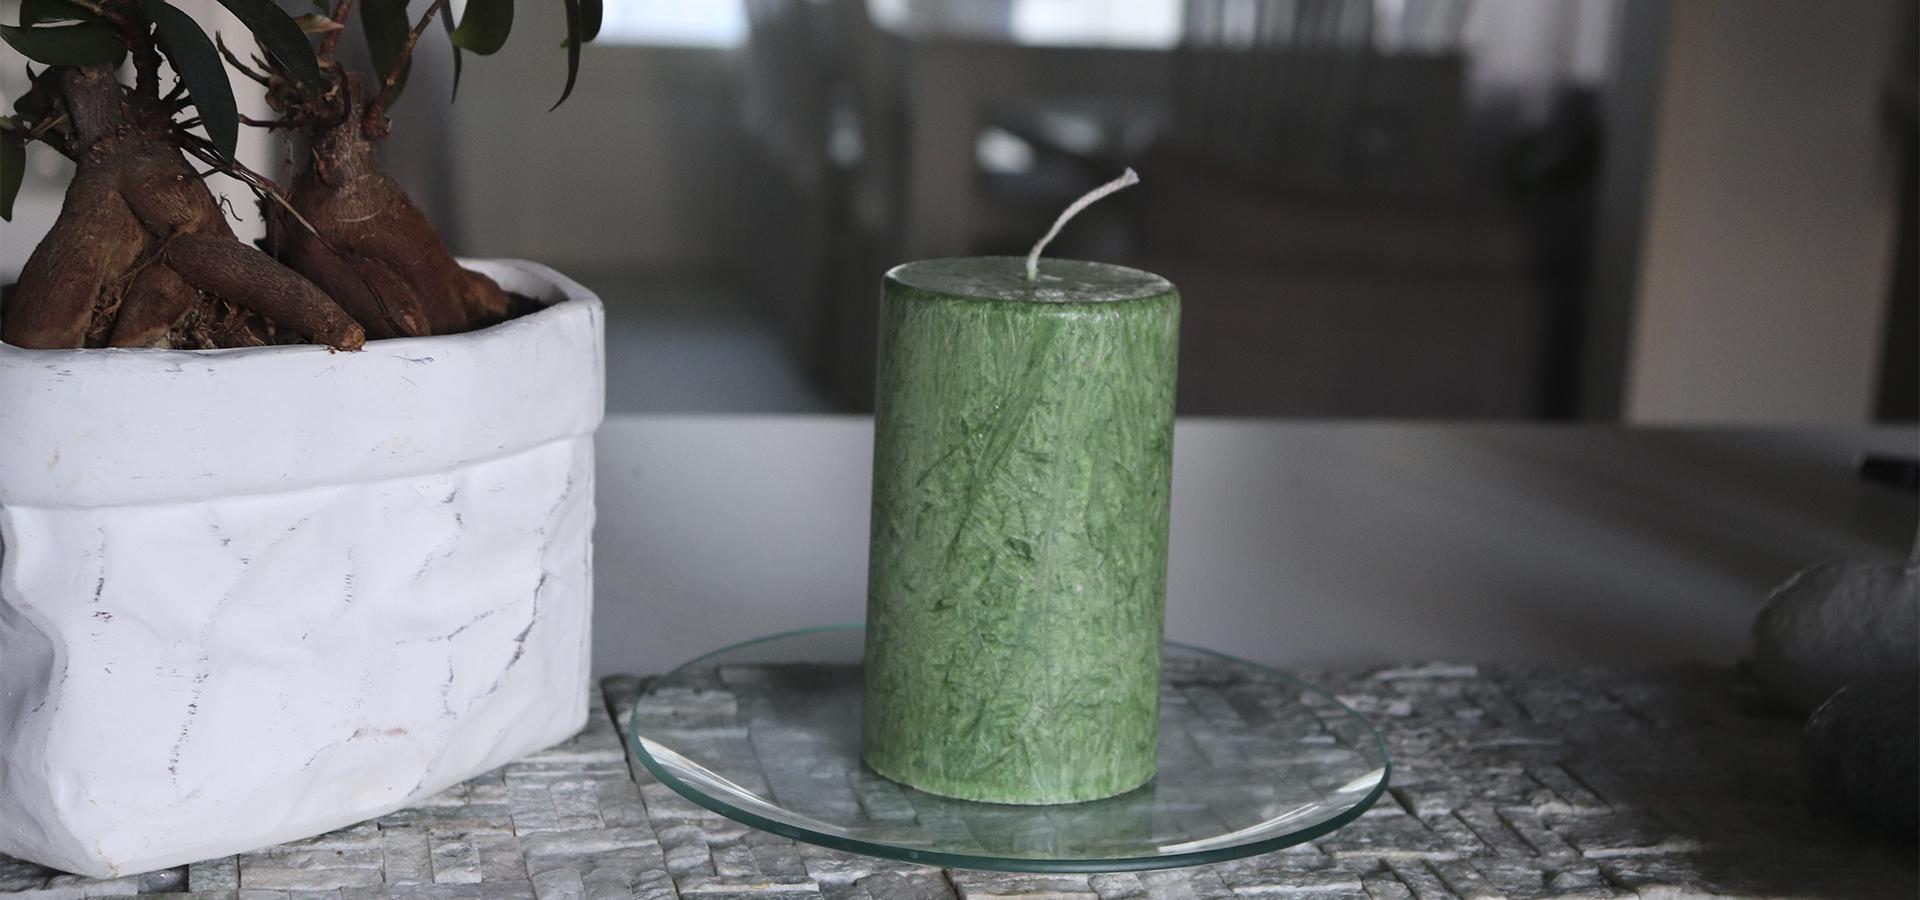 Suomalainen-kasintehty-kynttila